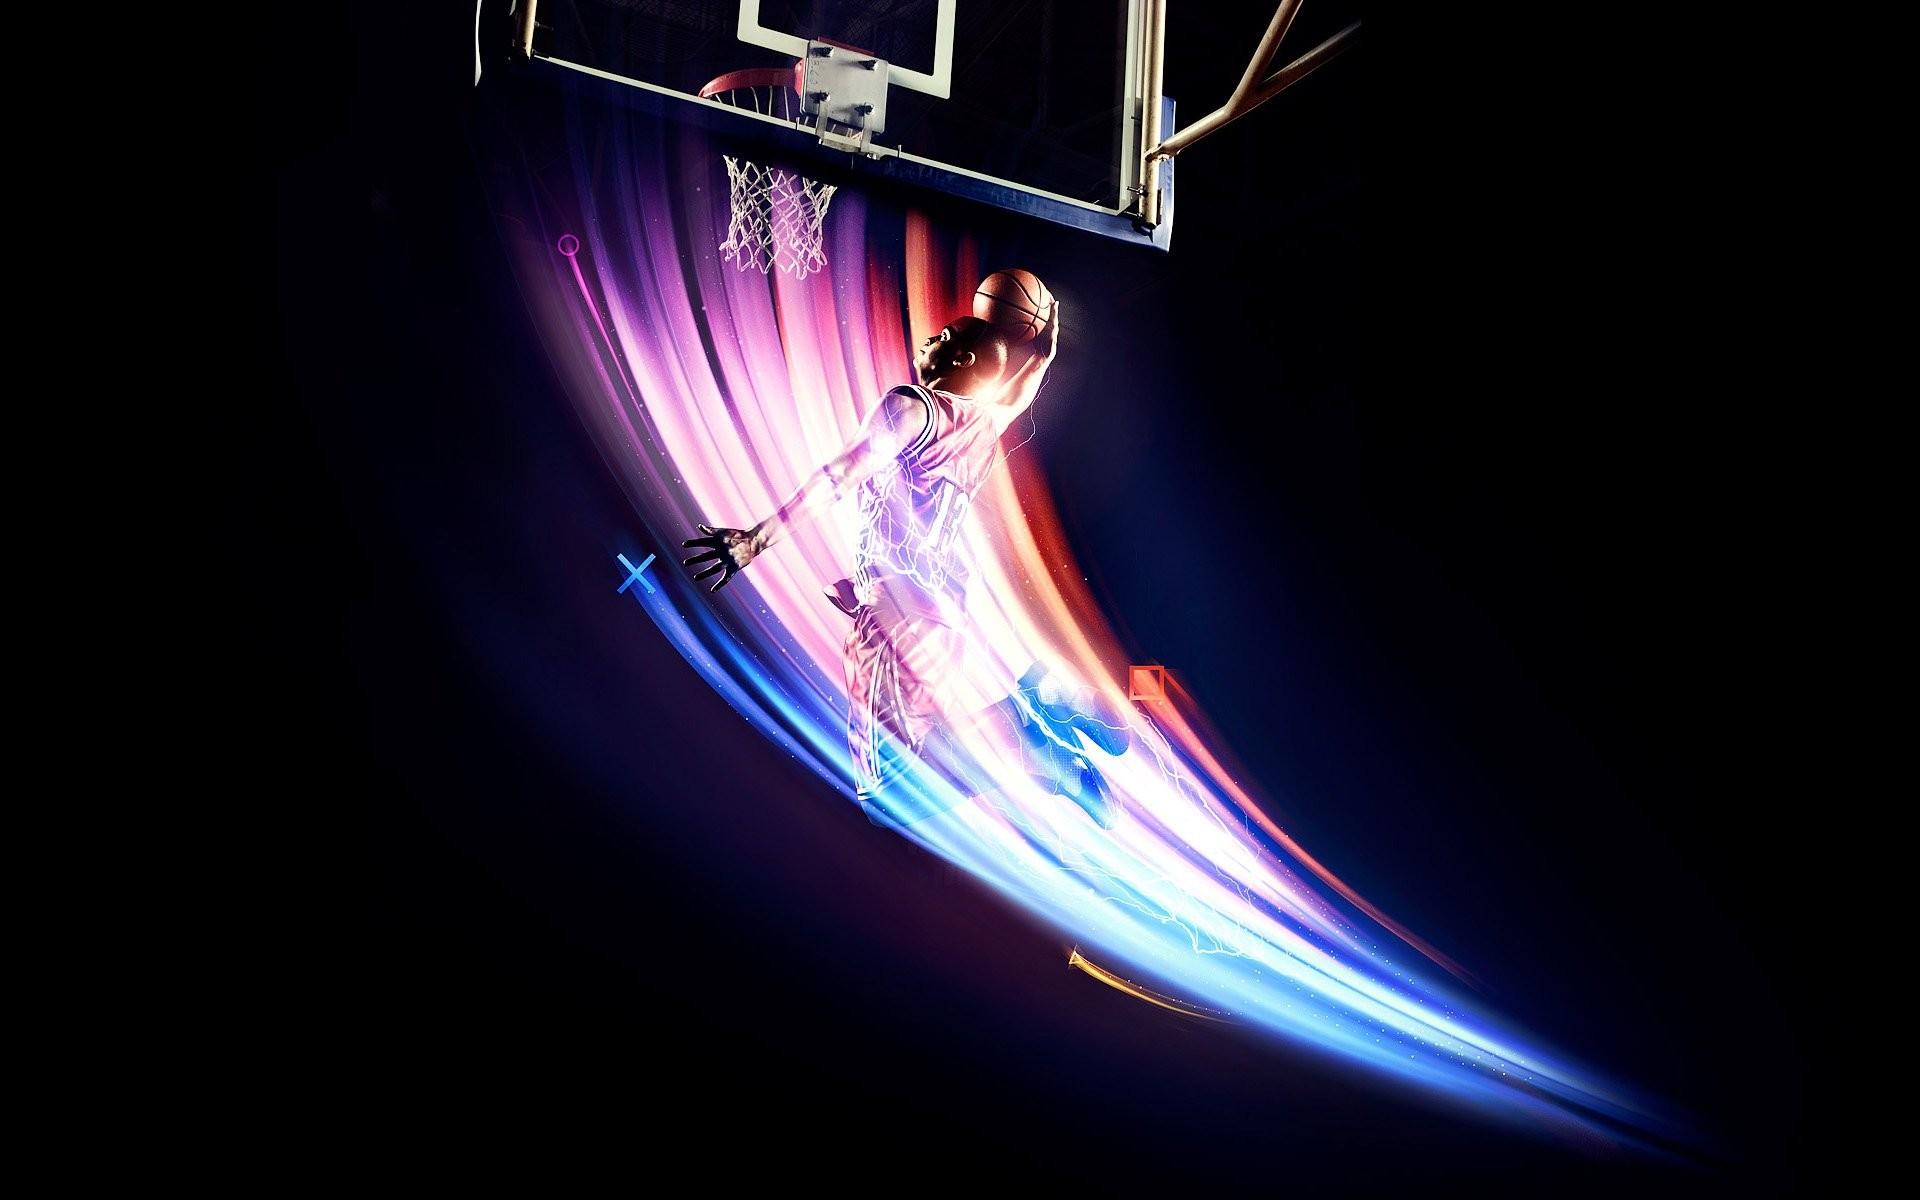 1920x1080 http://wallpaperformobile.org/7992/cool-basketball-wallpaper.html - Cool Basketball Wallpaper | HD Wallpapers | Pinterest | Wallpaper